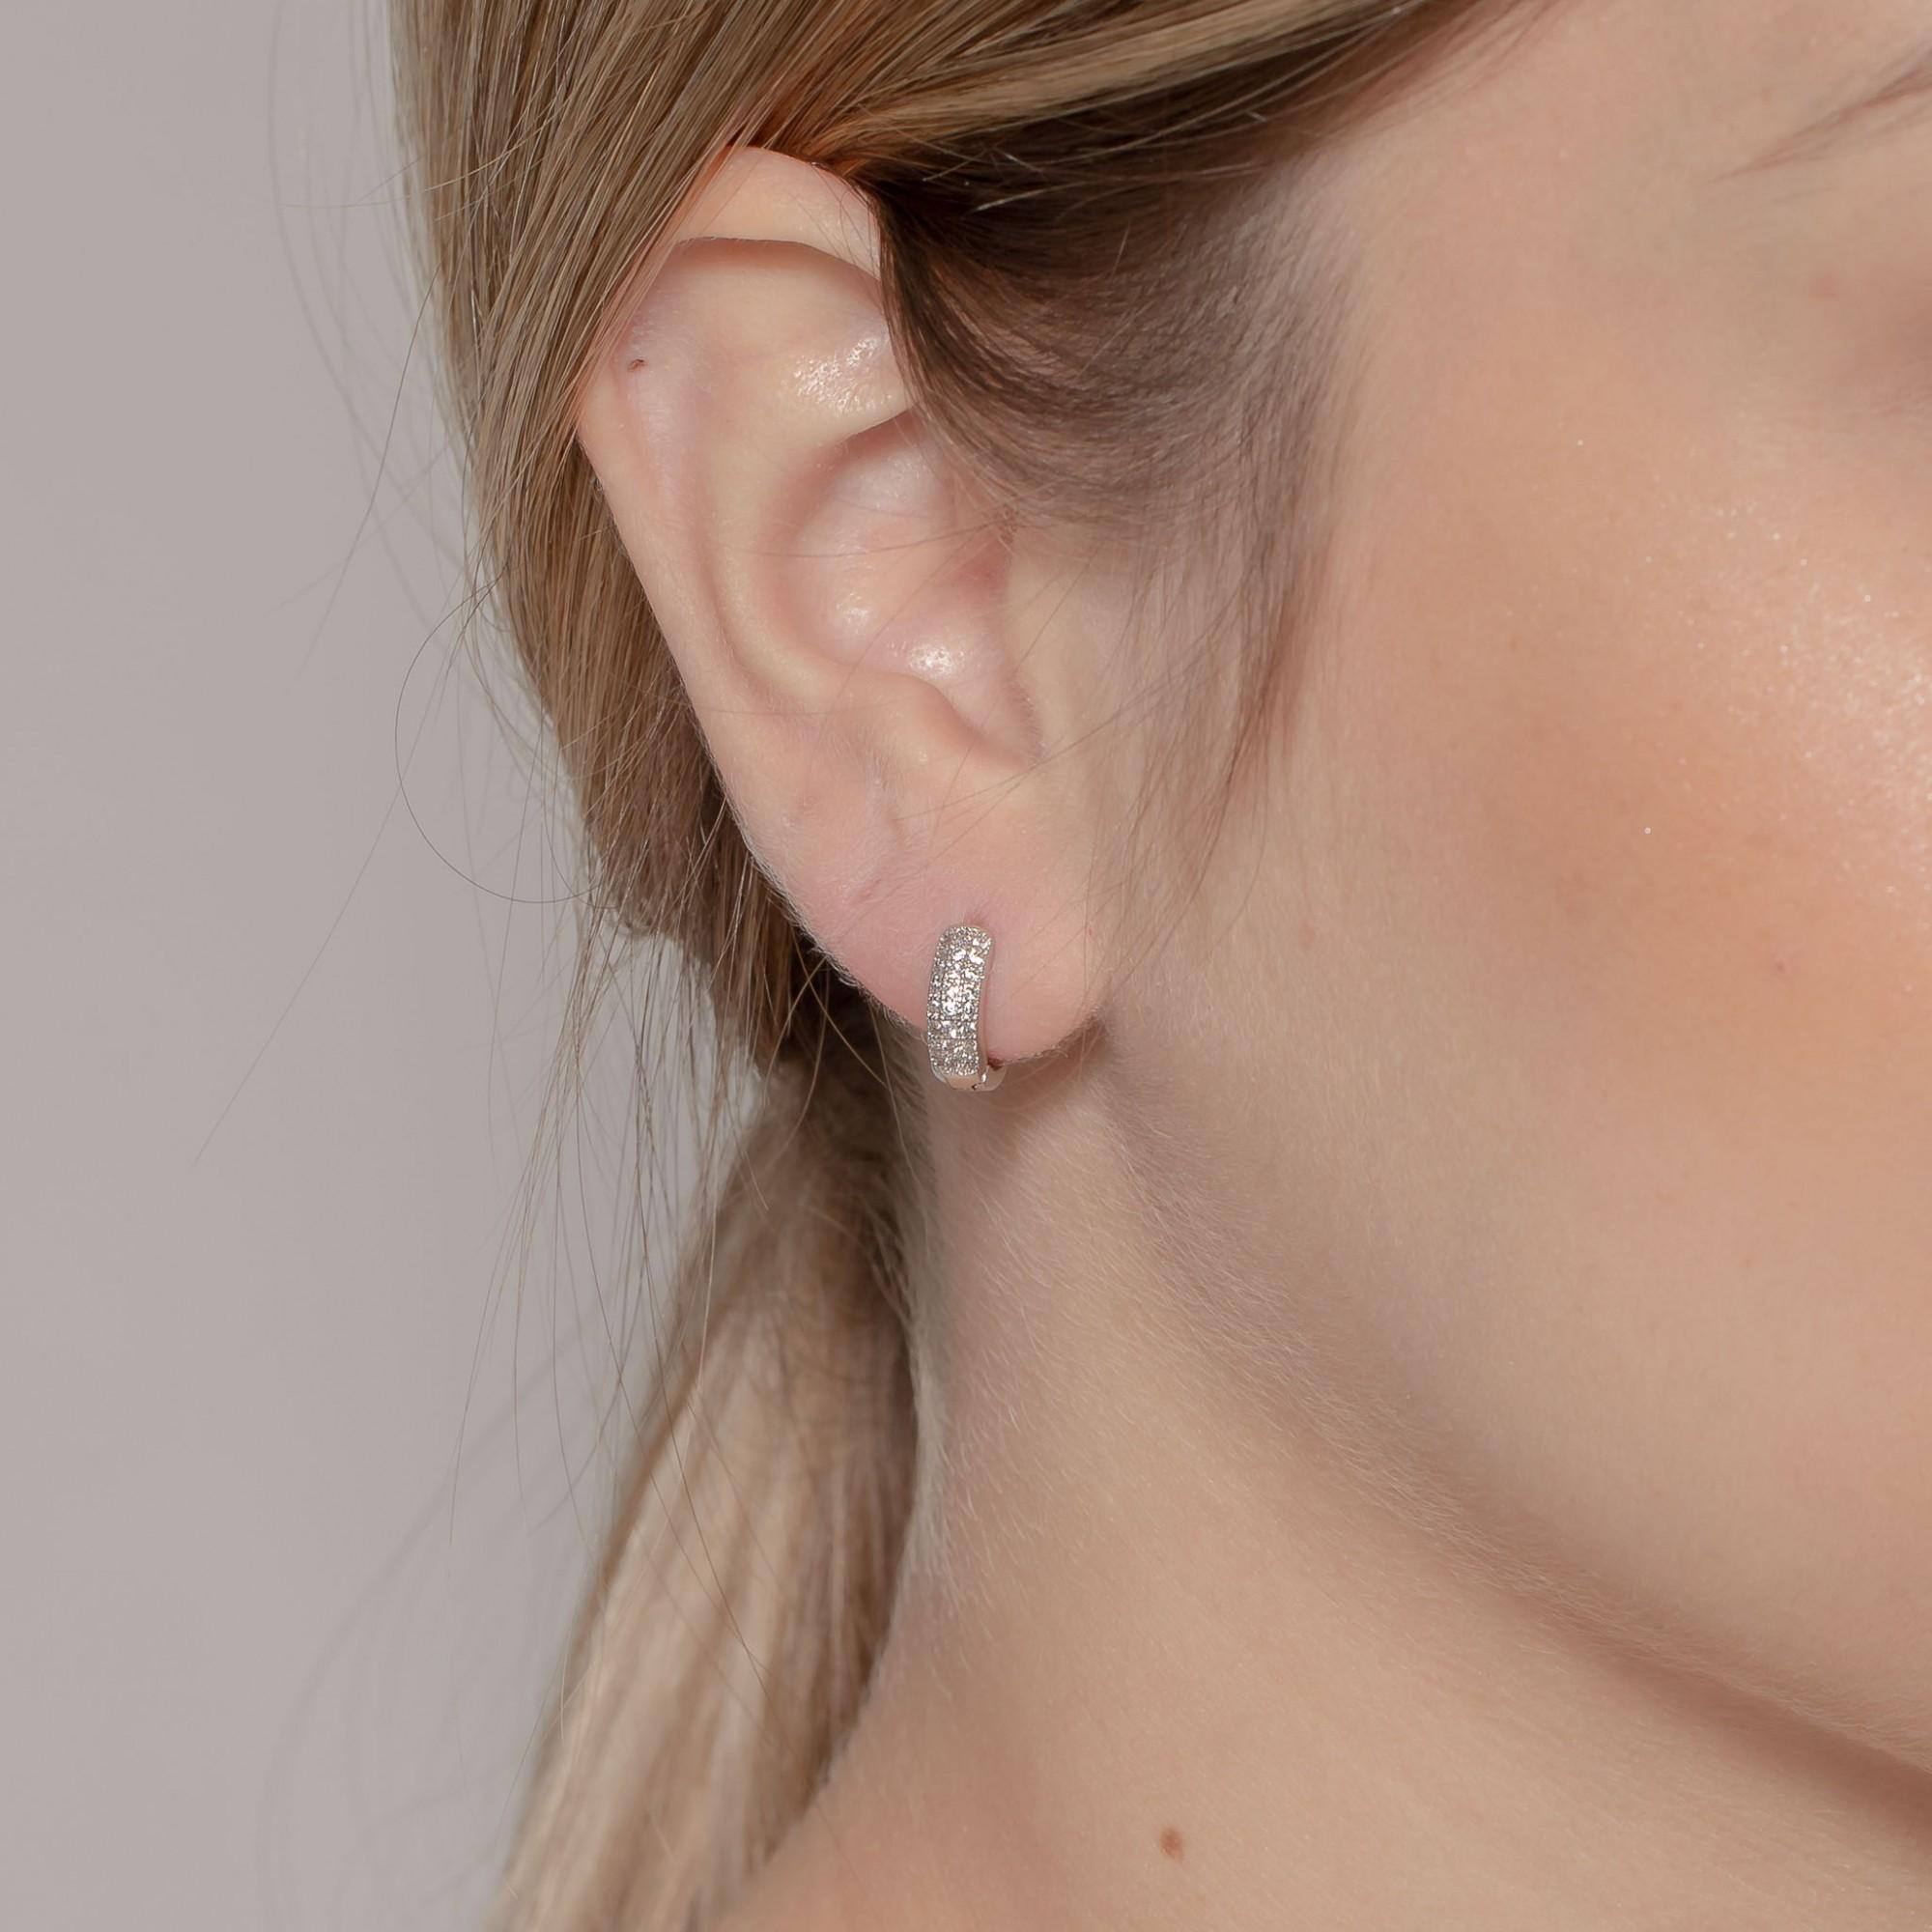 Argola de clique 1 cm com três fileiras de zircônias banho de ródio branco.  - romabrazil.com.br